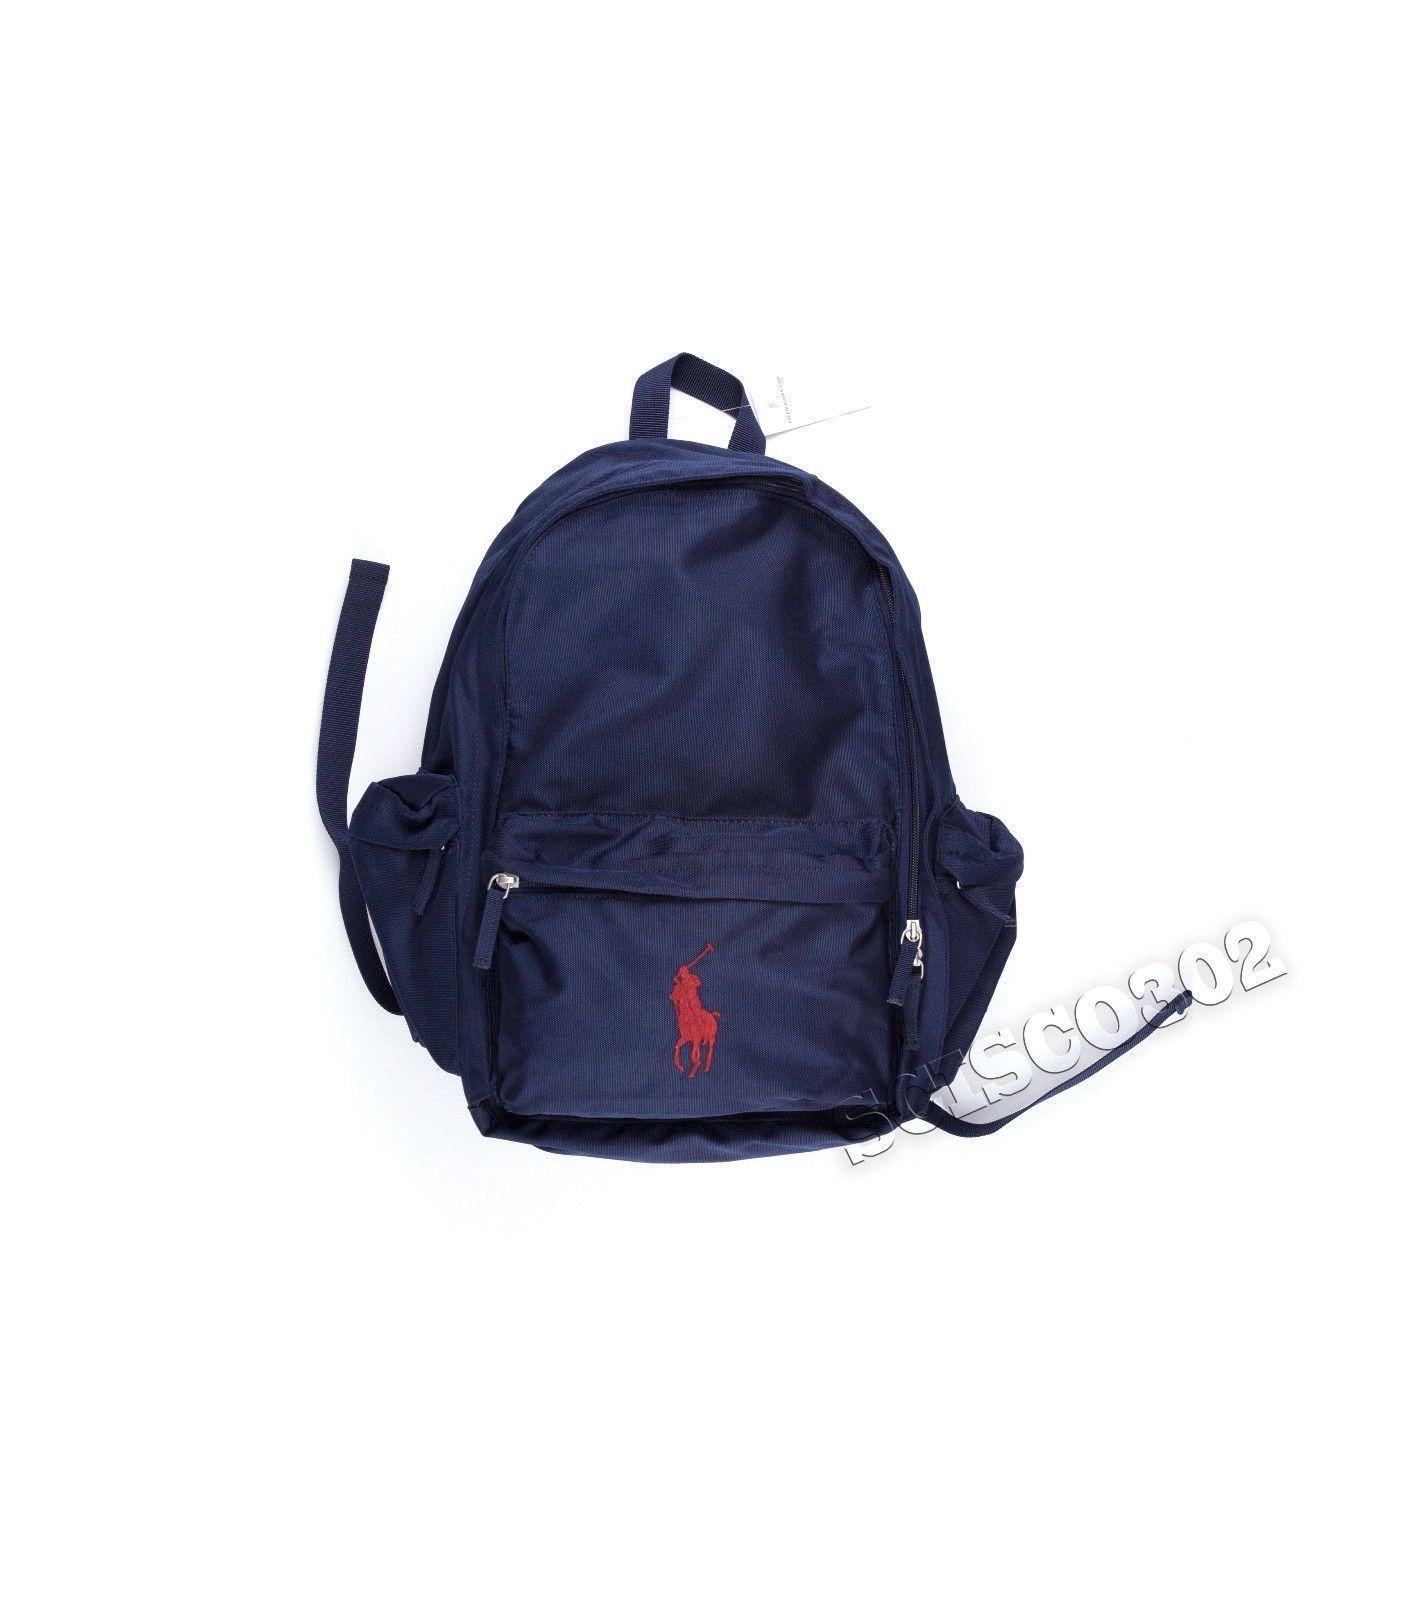 441ce5f90889 Polo ralph lauren backpack blue canvas sweats pinterest polo jpg 1406x1600 Ralph  lauren school bag